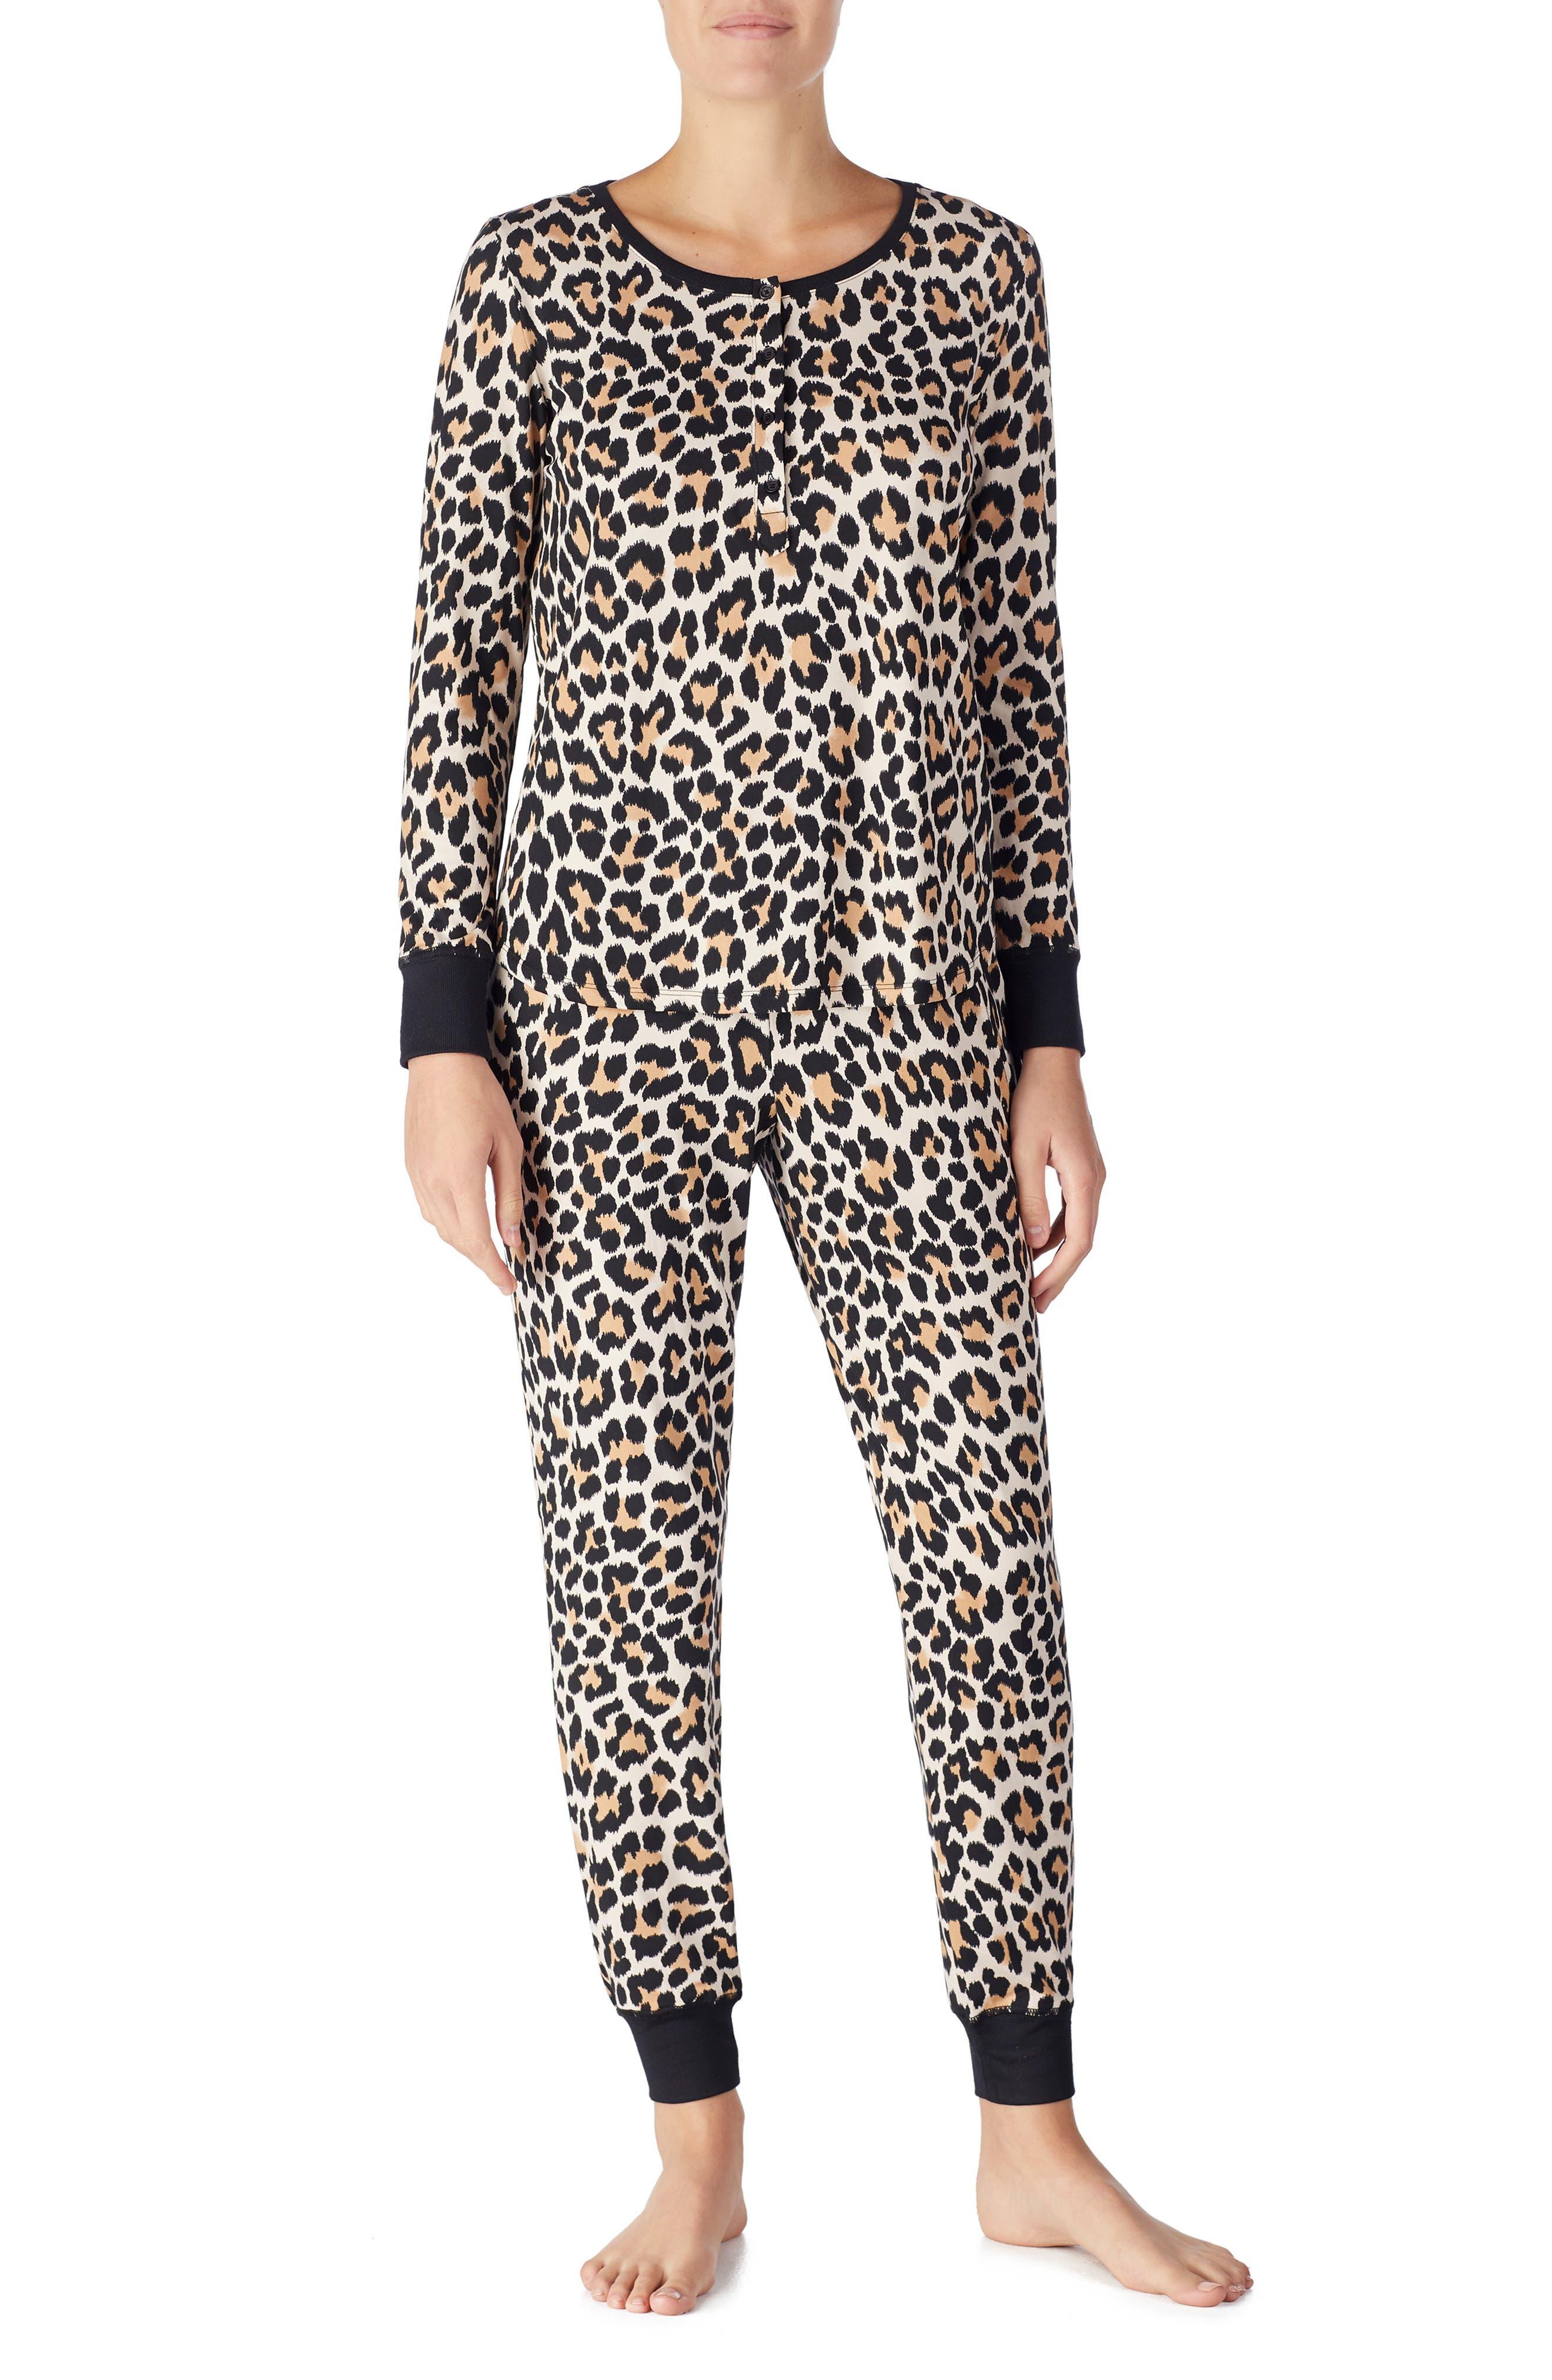 jogger long pajamas,                             Main thumbnail 1, color,                             209